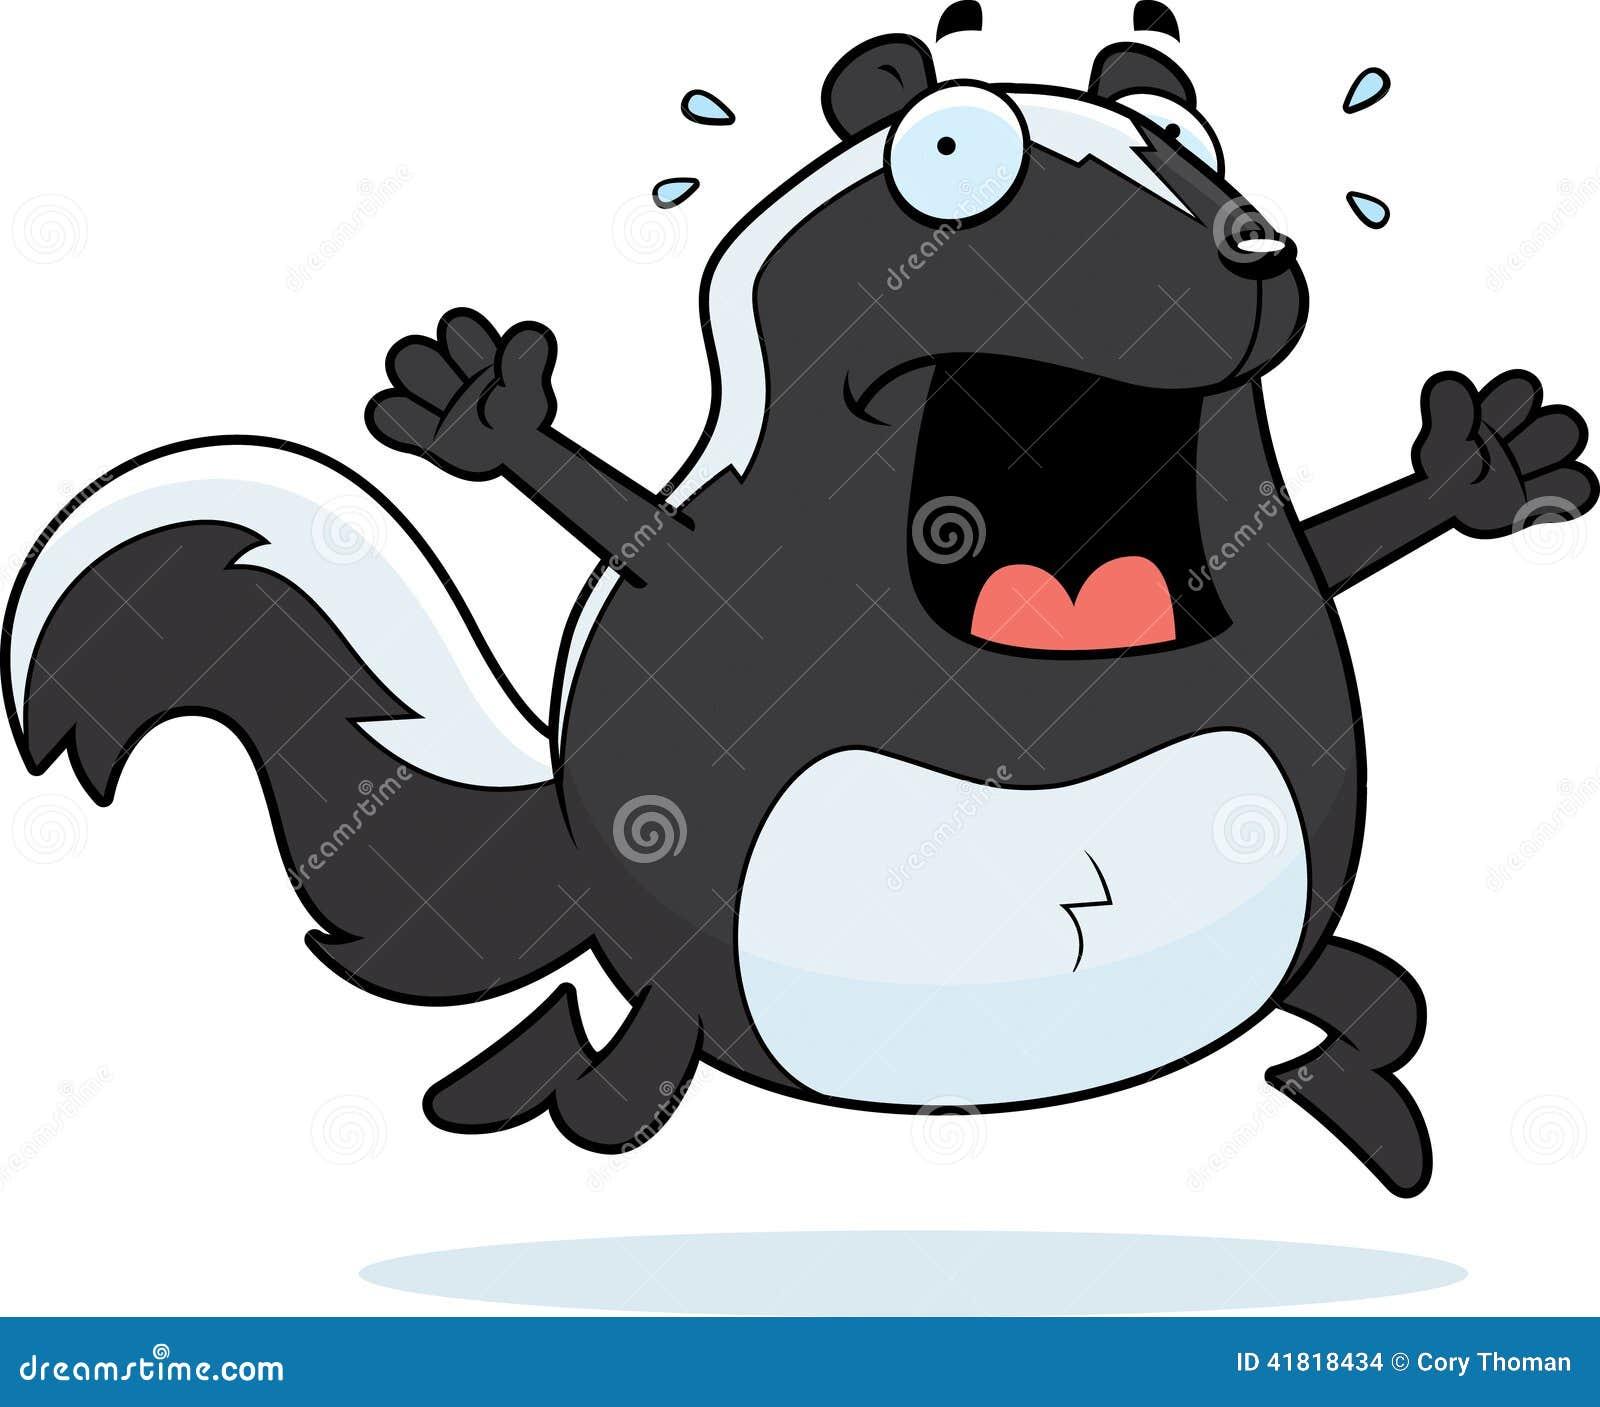 Cartoon Skunk Panic Stock Vector Image 41818434